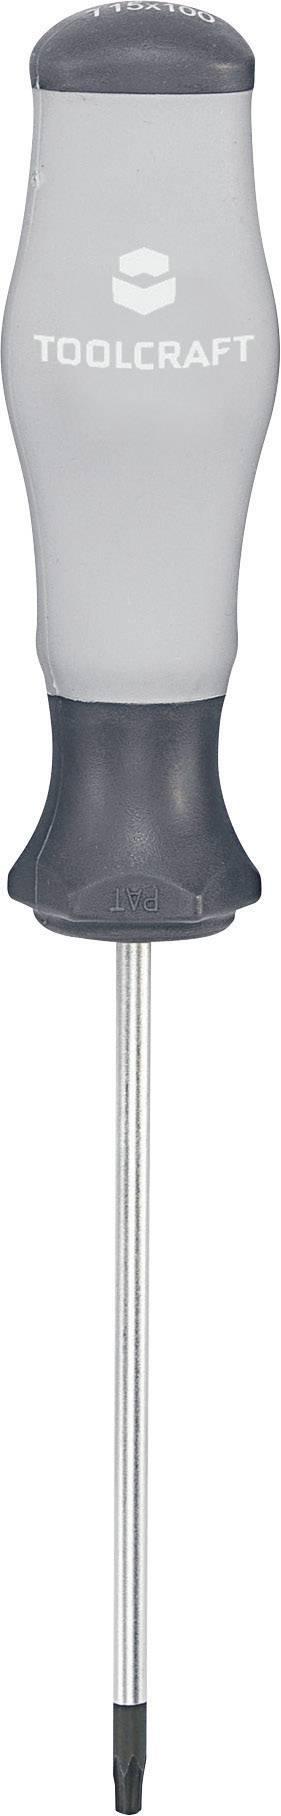 Šroubovák Torx dílna TOOLCRAFT 820724, T 9 x 75 mm,